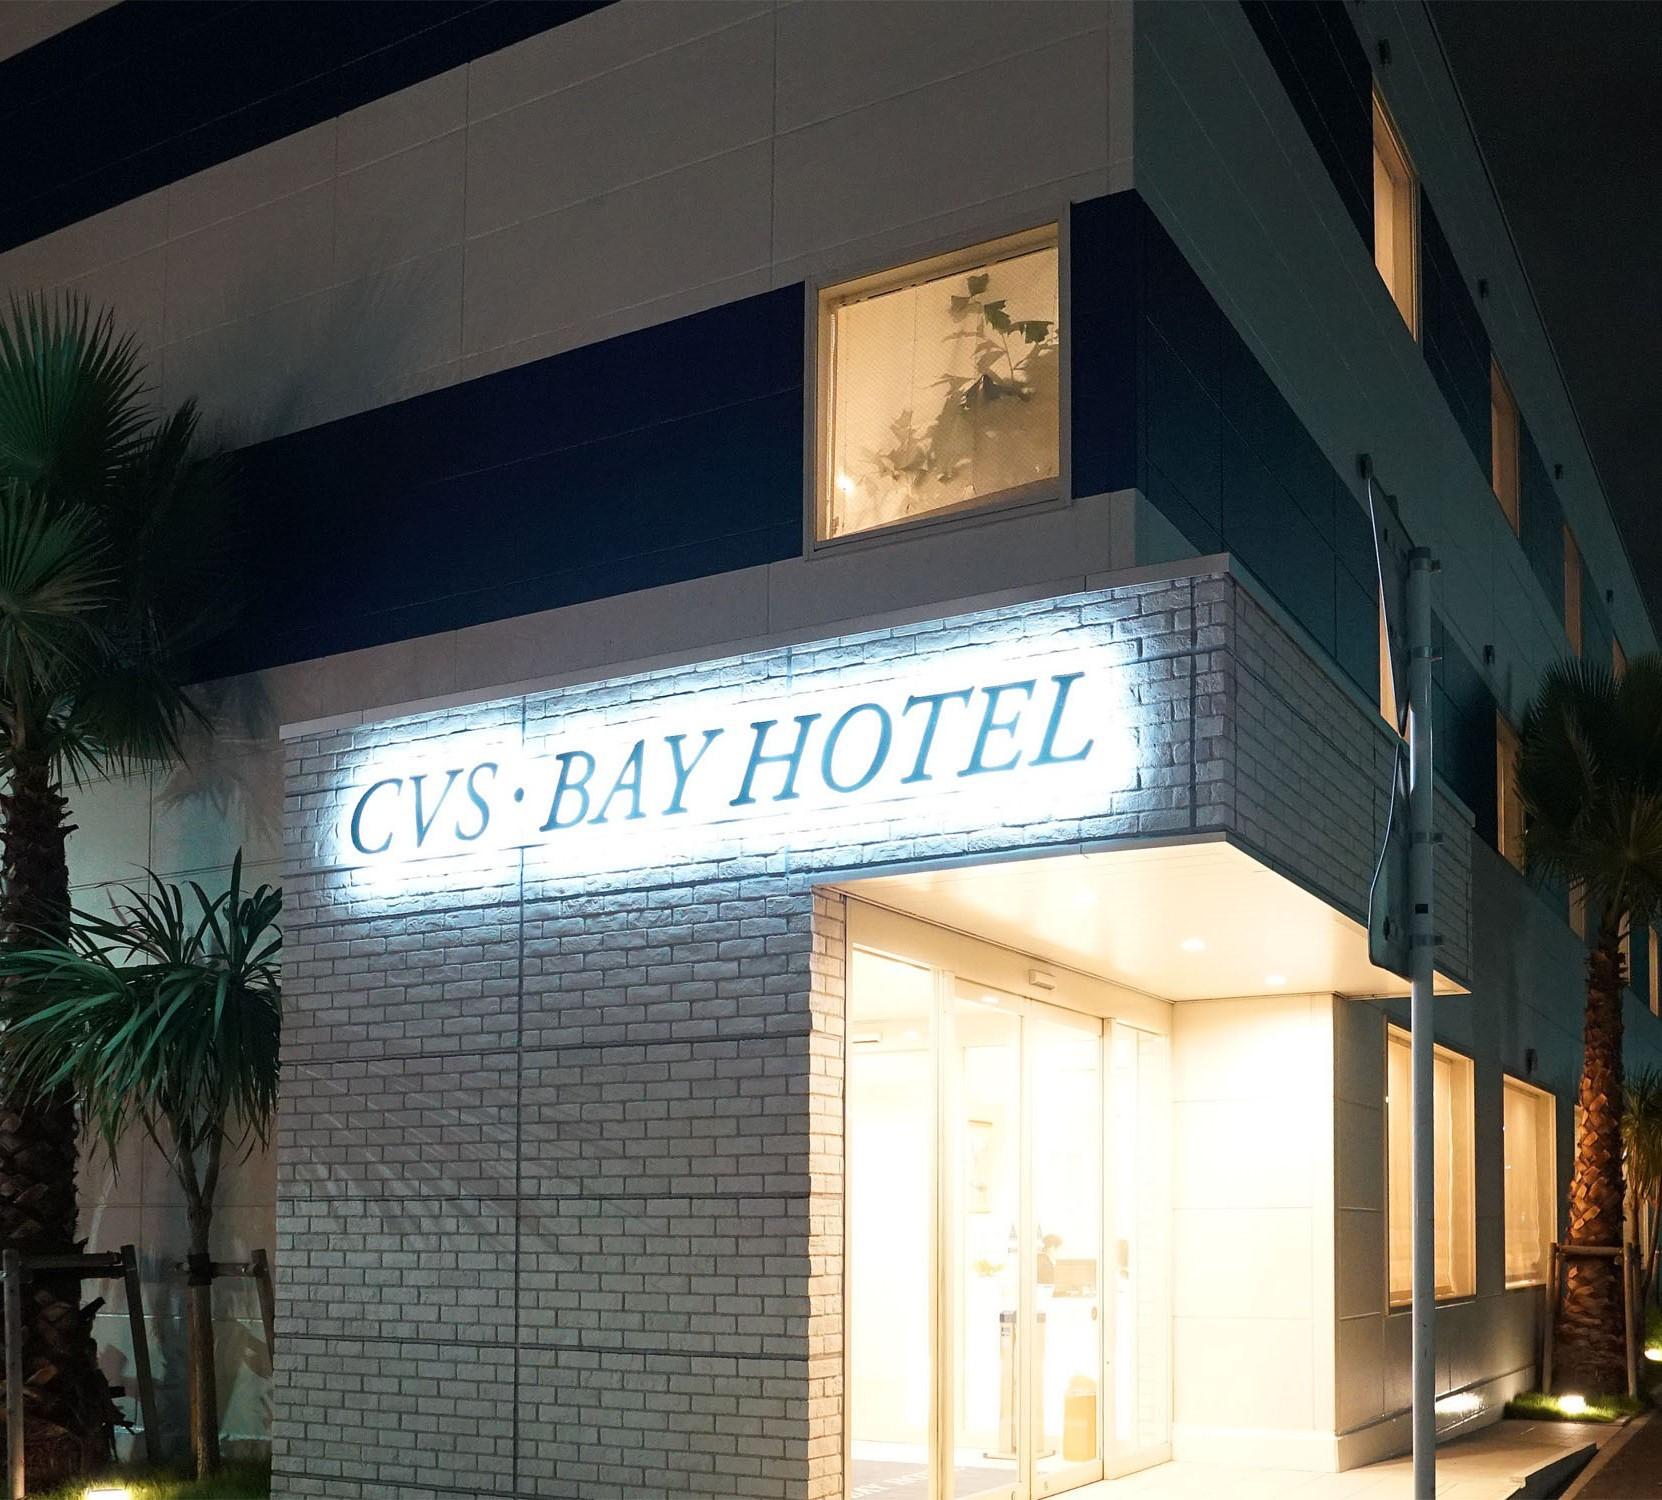 CVS・BAY HOTEL新館(CVS・ベイホテル新館) image